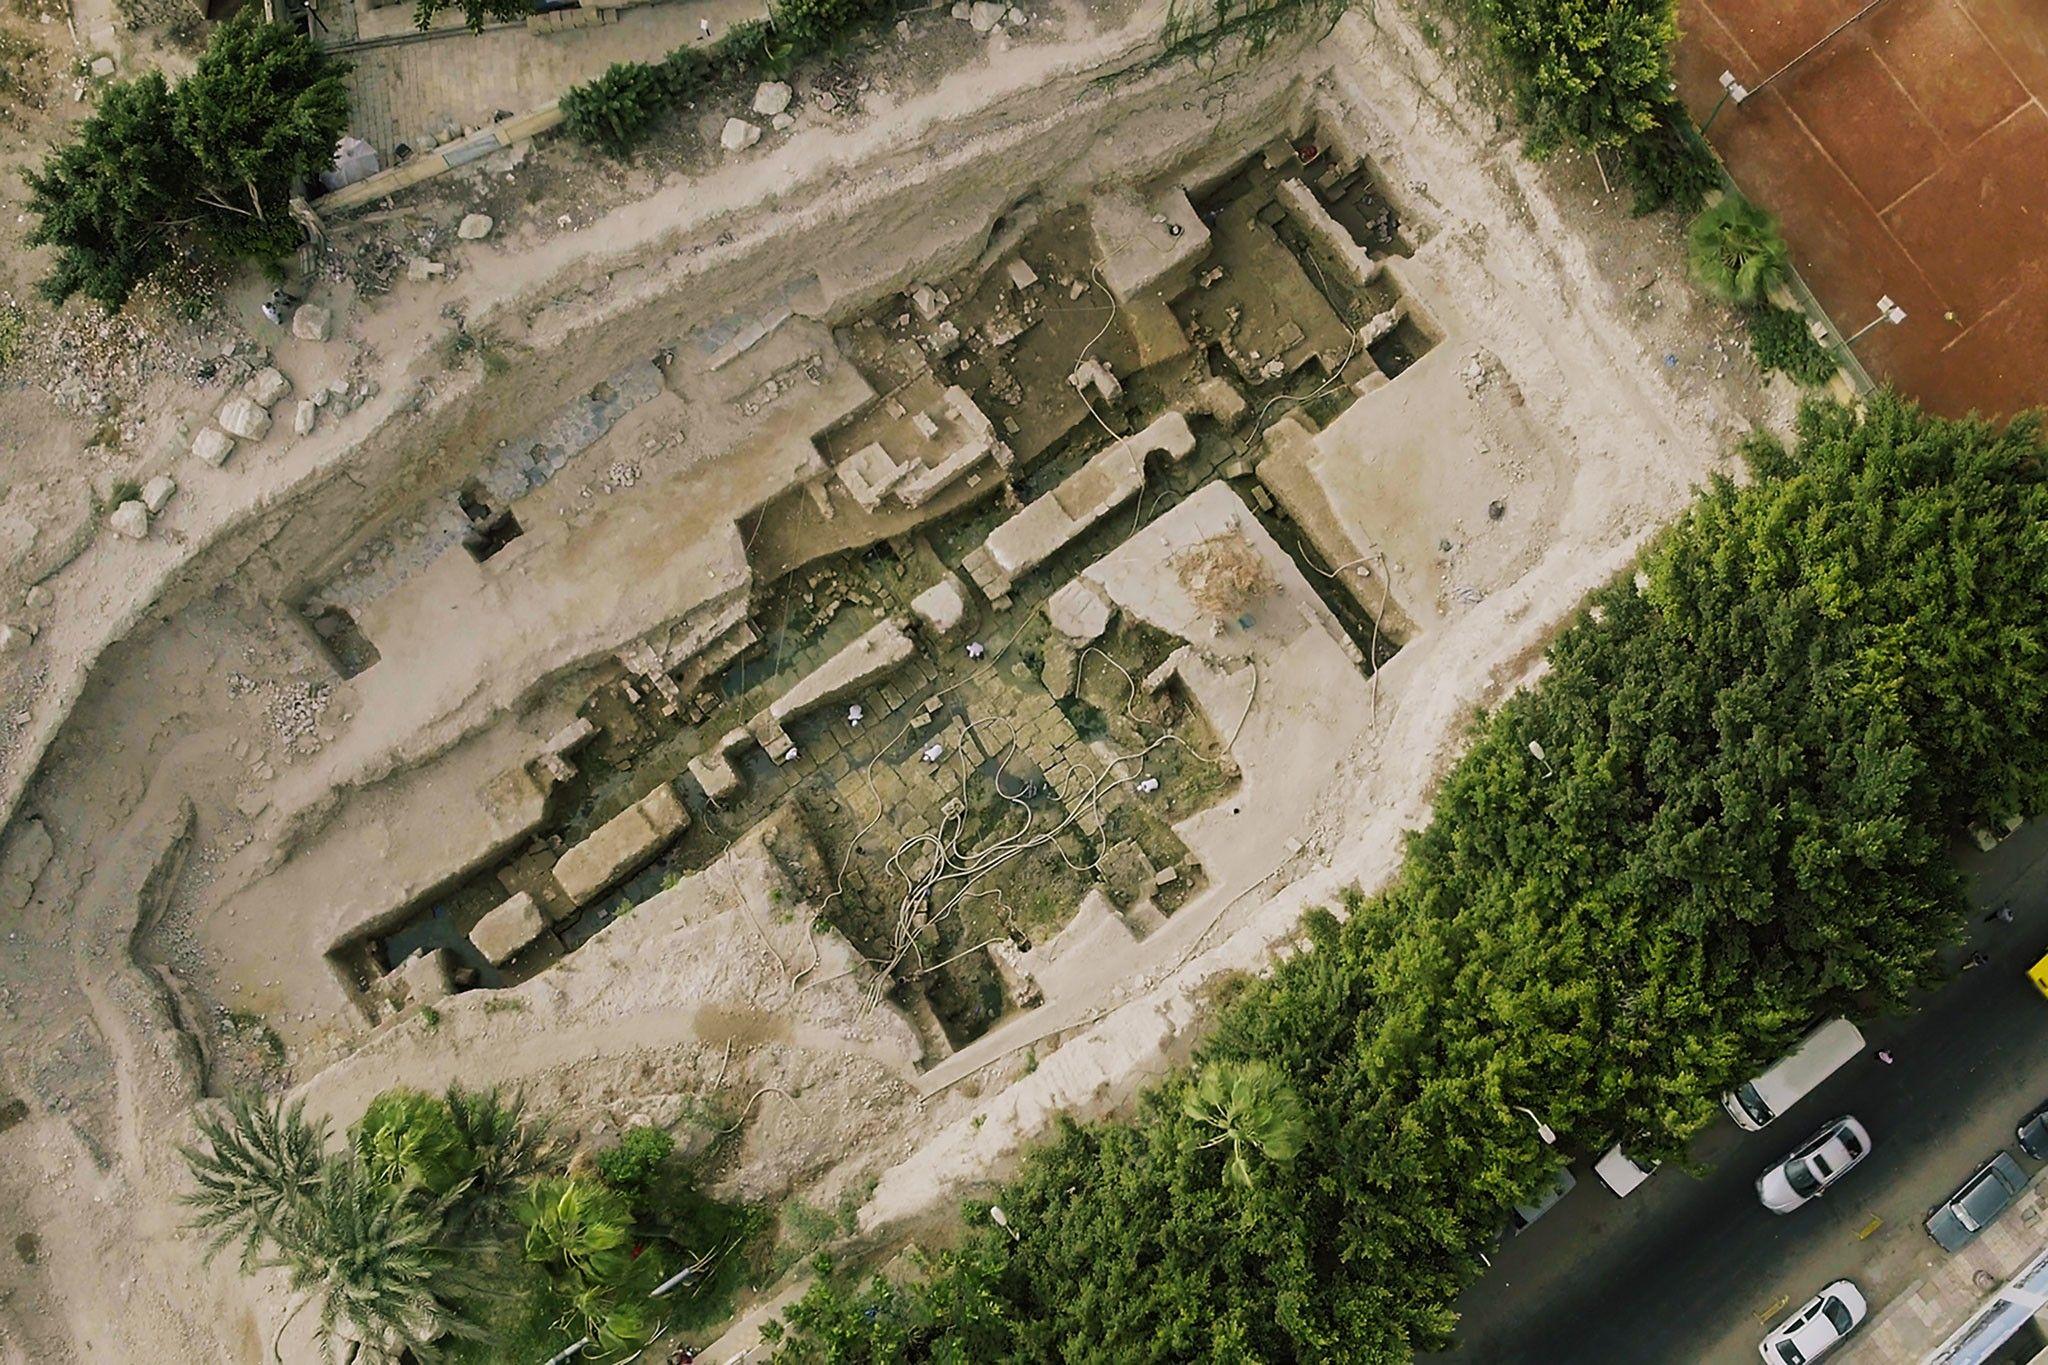 Alexander der Große: Neue Hinweise auf verschollenes Grab   National Geographic